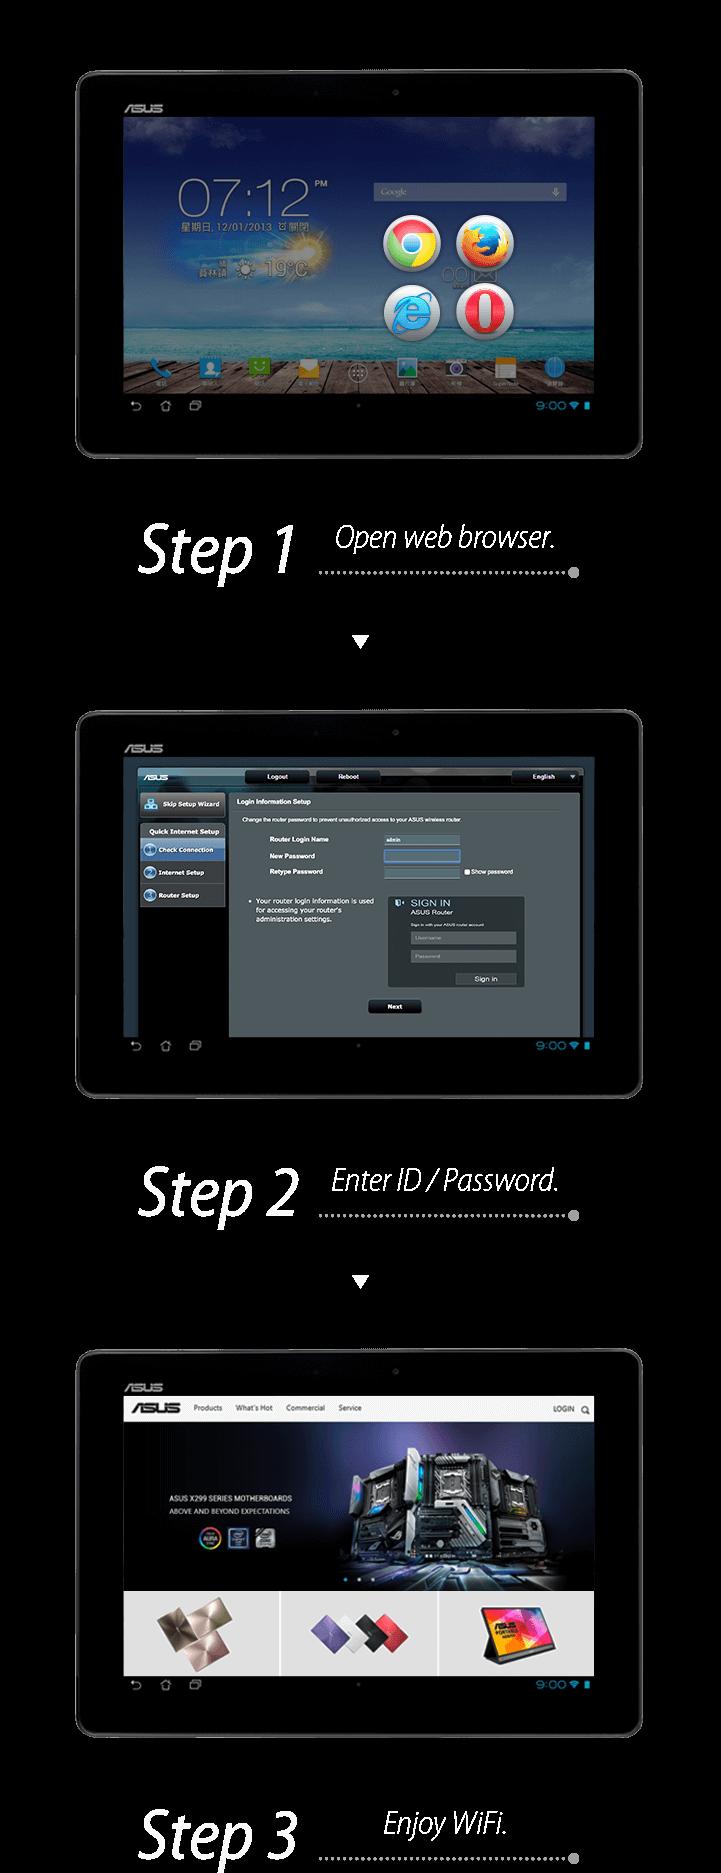 Eenvoudige installatie in 3 stappen